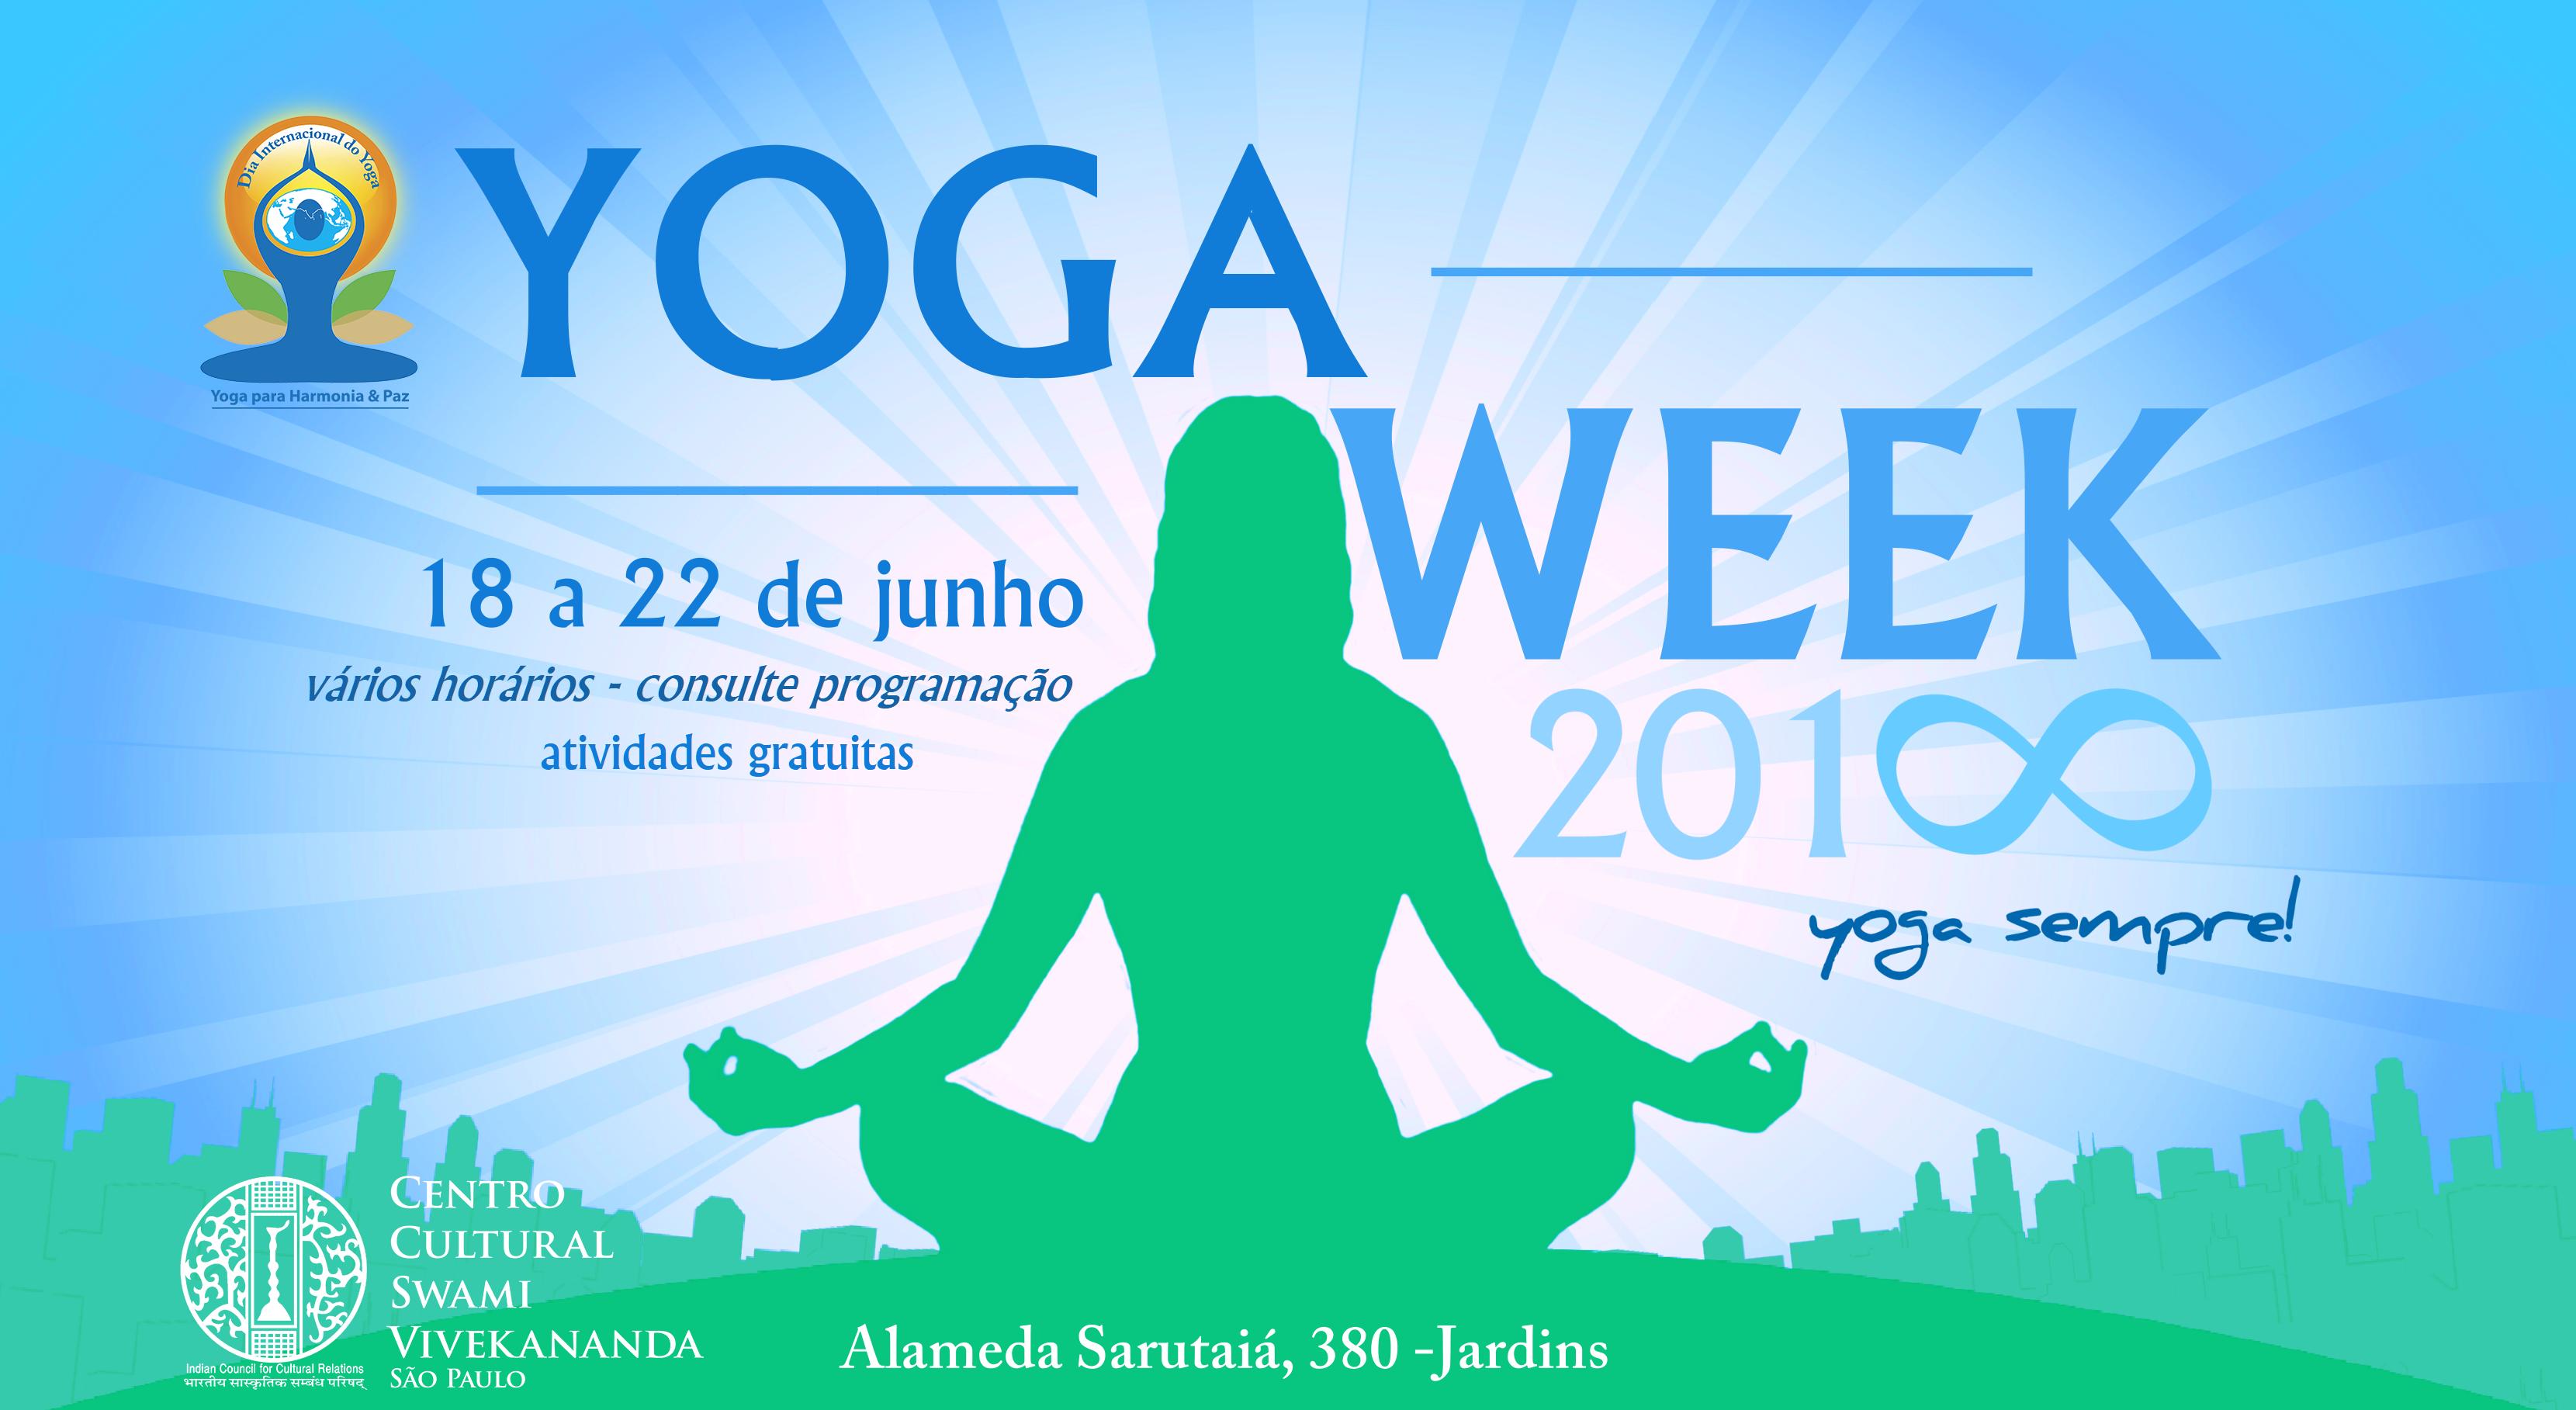 Acontece: Palestra gratuita sobre Depressão, Psicologia e Yoga